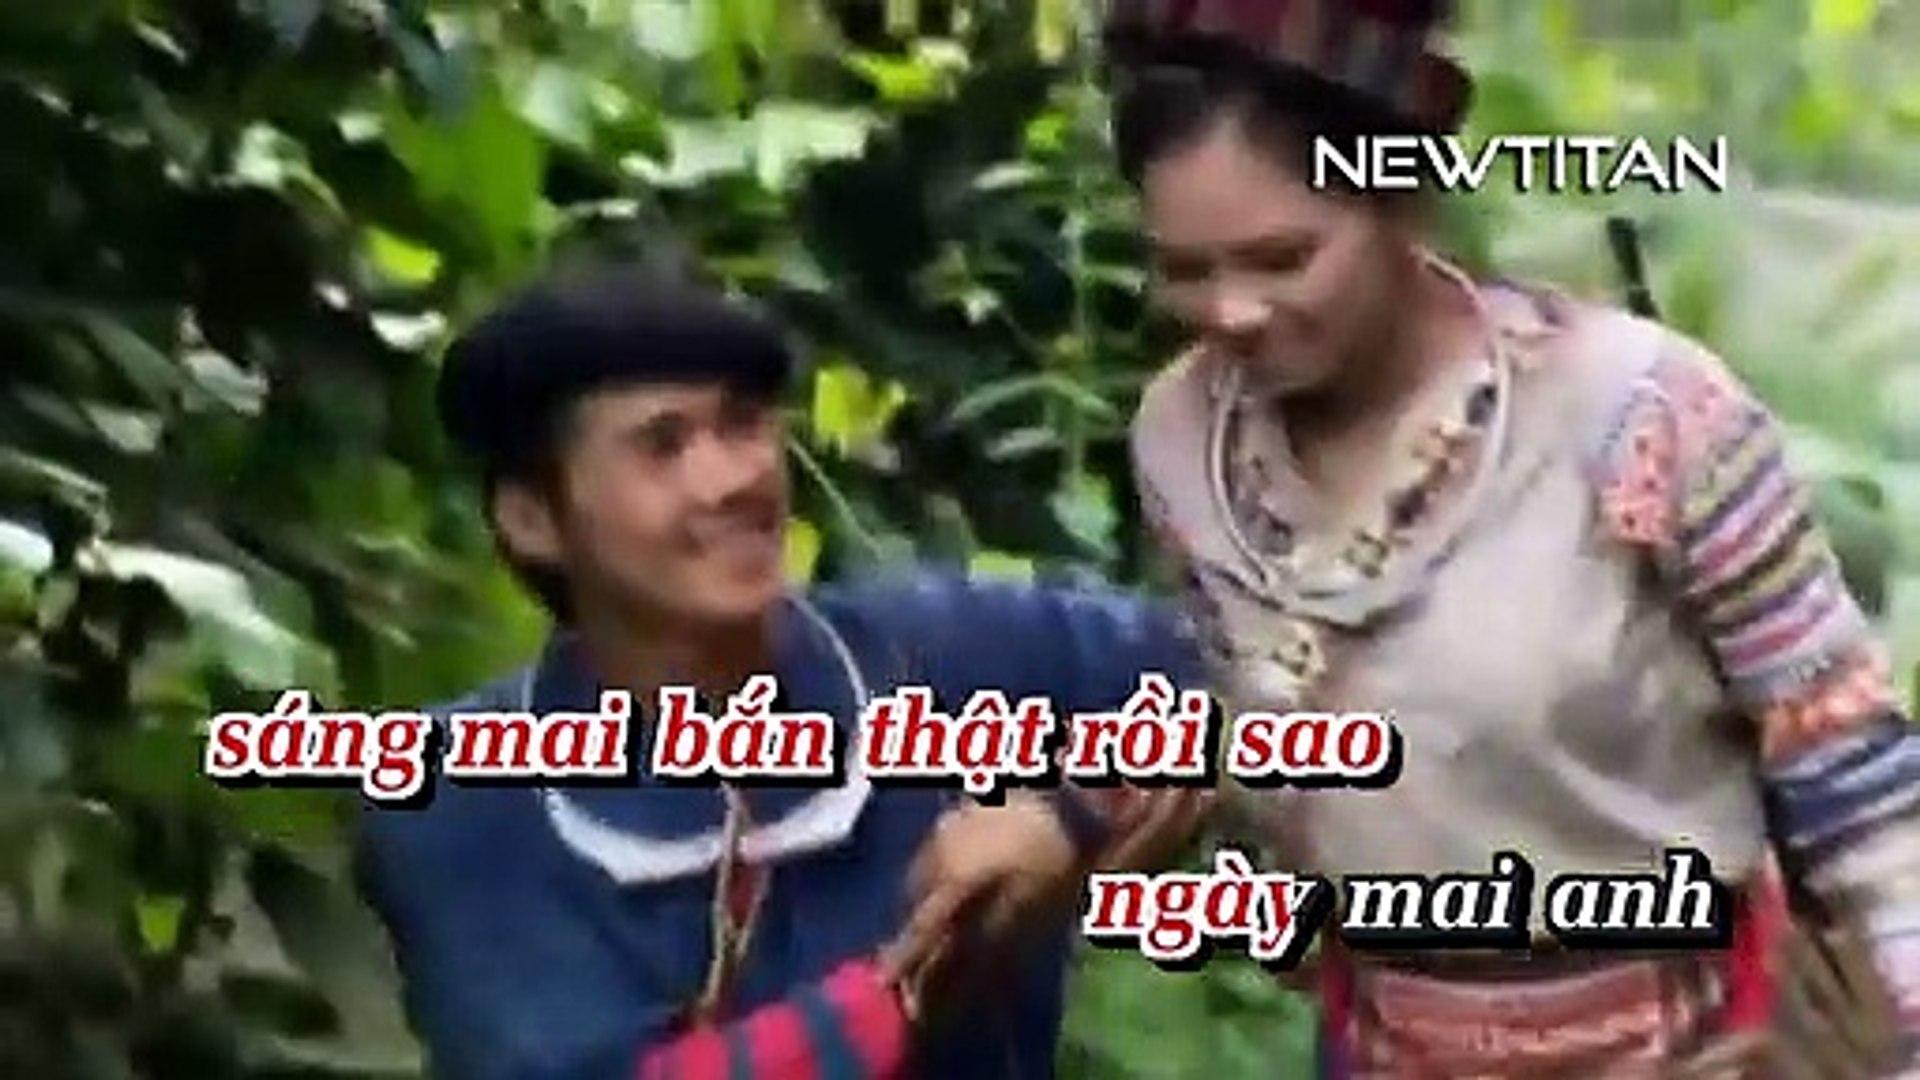 [Karaoke] Trước Ngày Hội Bắn - Anh Thơ Ft. Việt Hoàn [Beat]